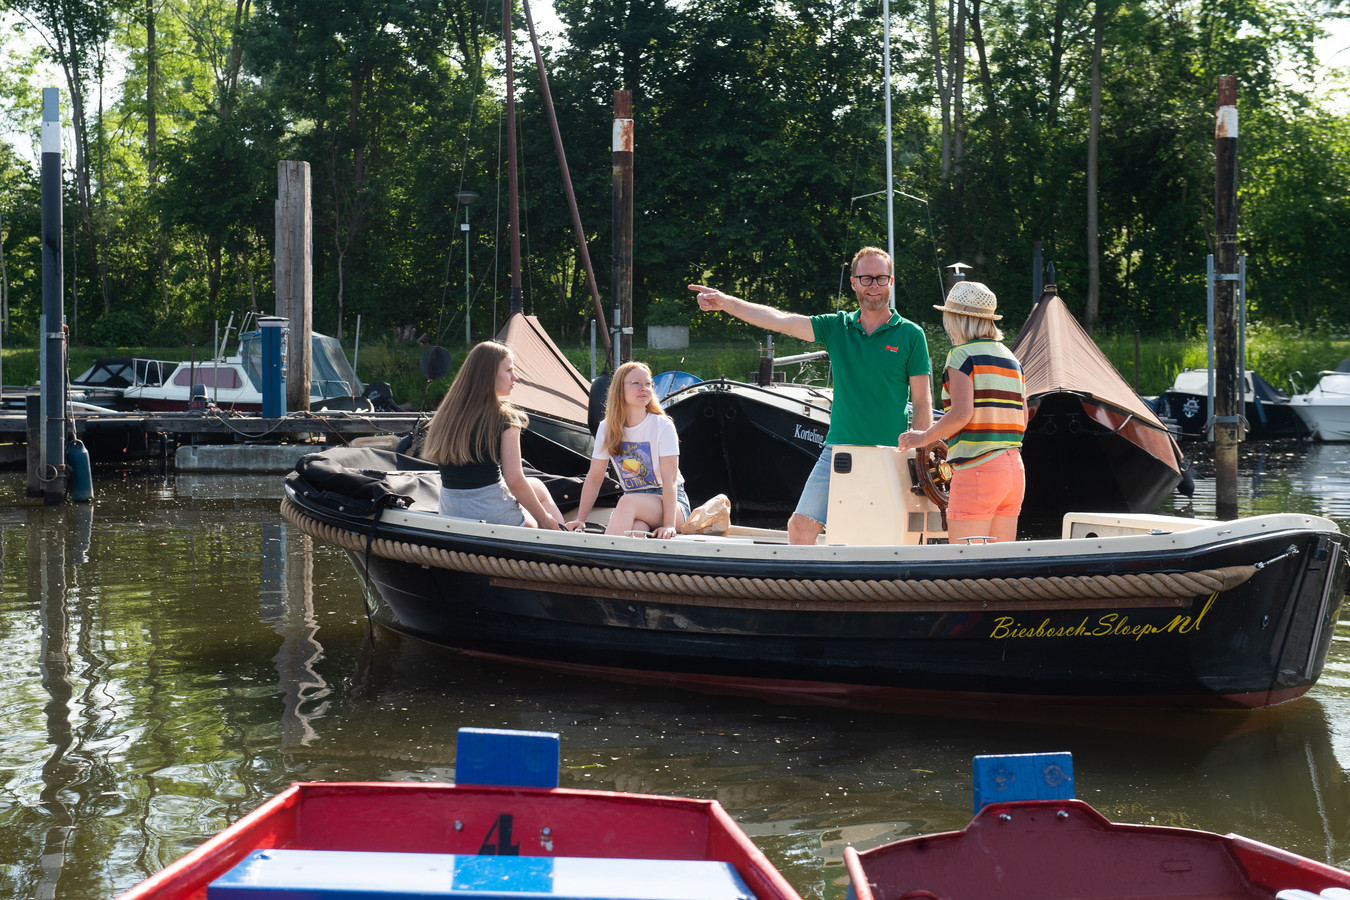 Hank - Pix4Profs/René Schotanus. De. familie Horvers vertrekt vanuit de haven in Hank. Vader Bas, moeder Suzan en dochters Sacha en Robbin.